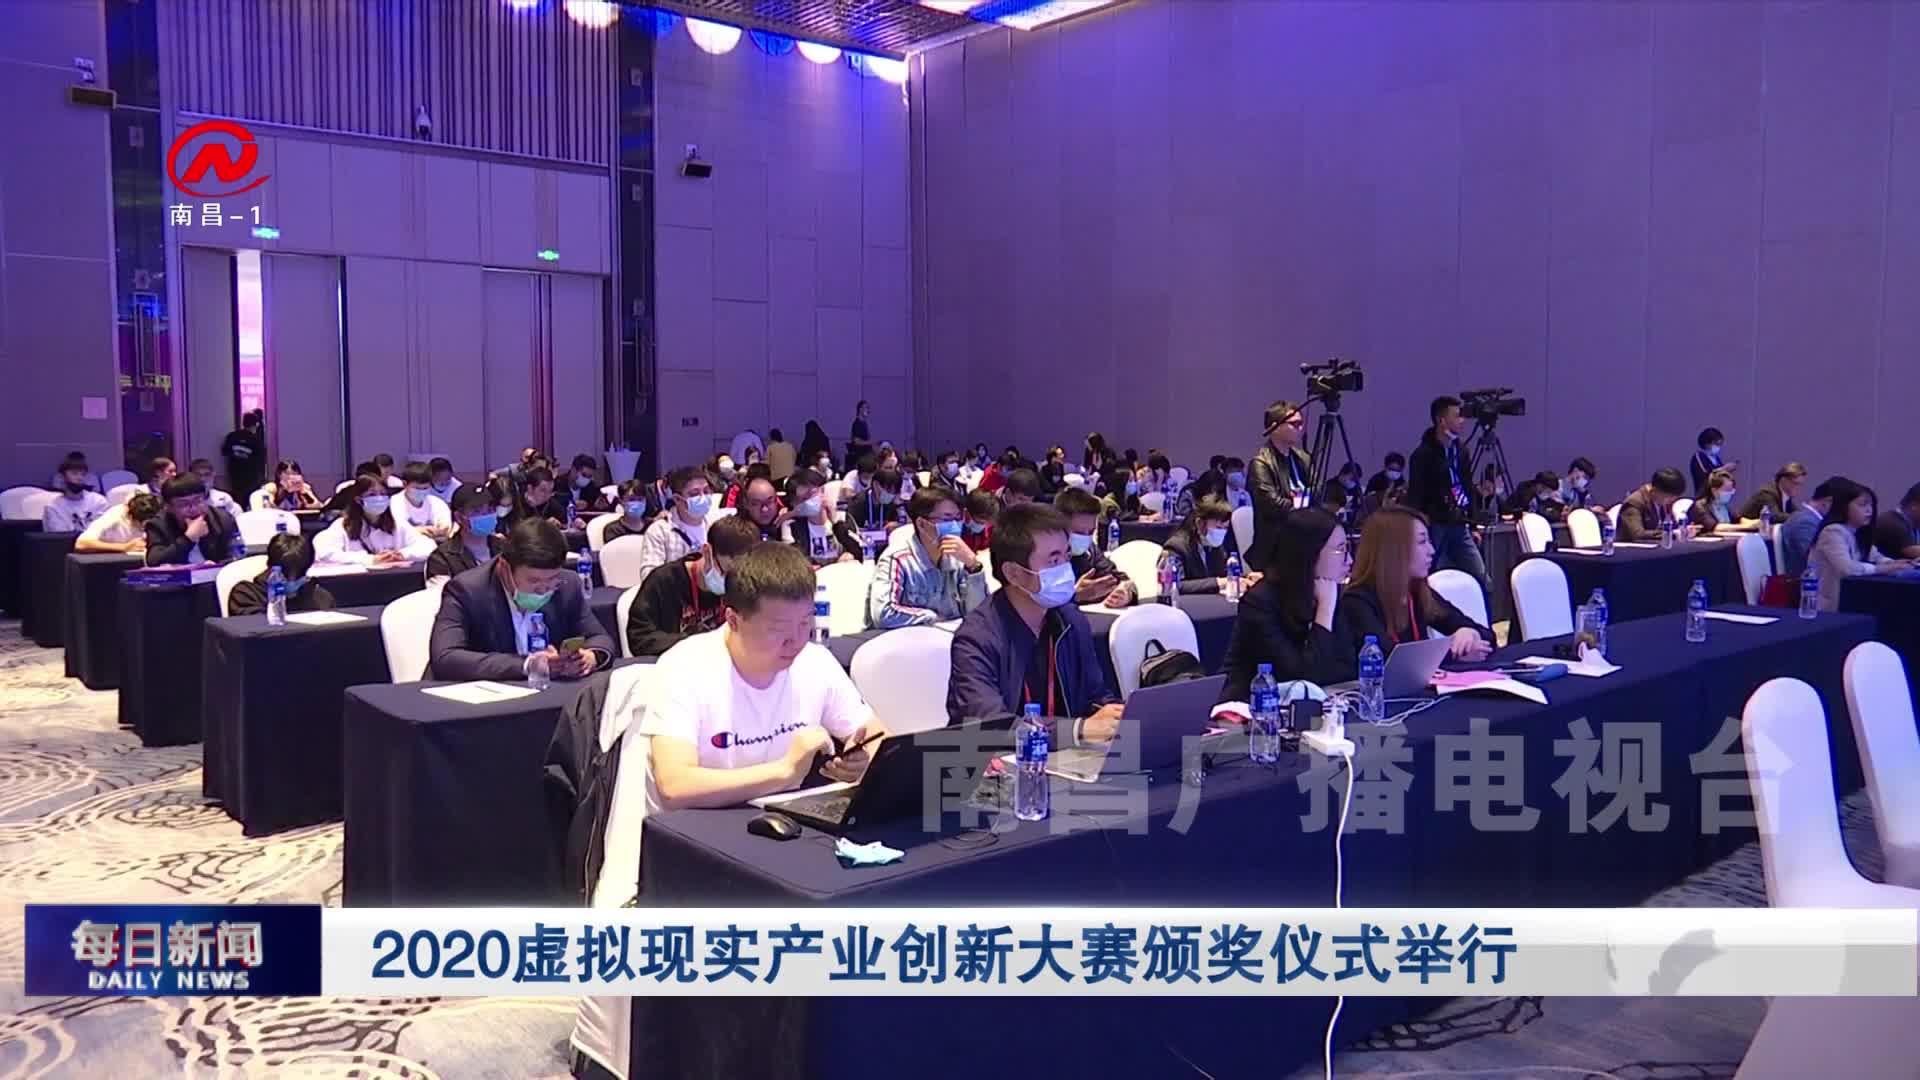 2020虚拟现实产业创新大赛颁奖仪式举行